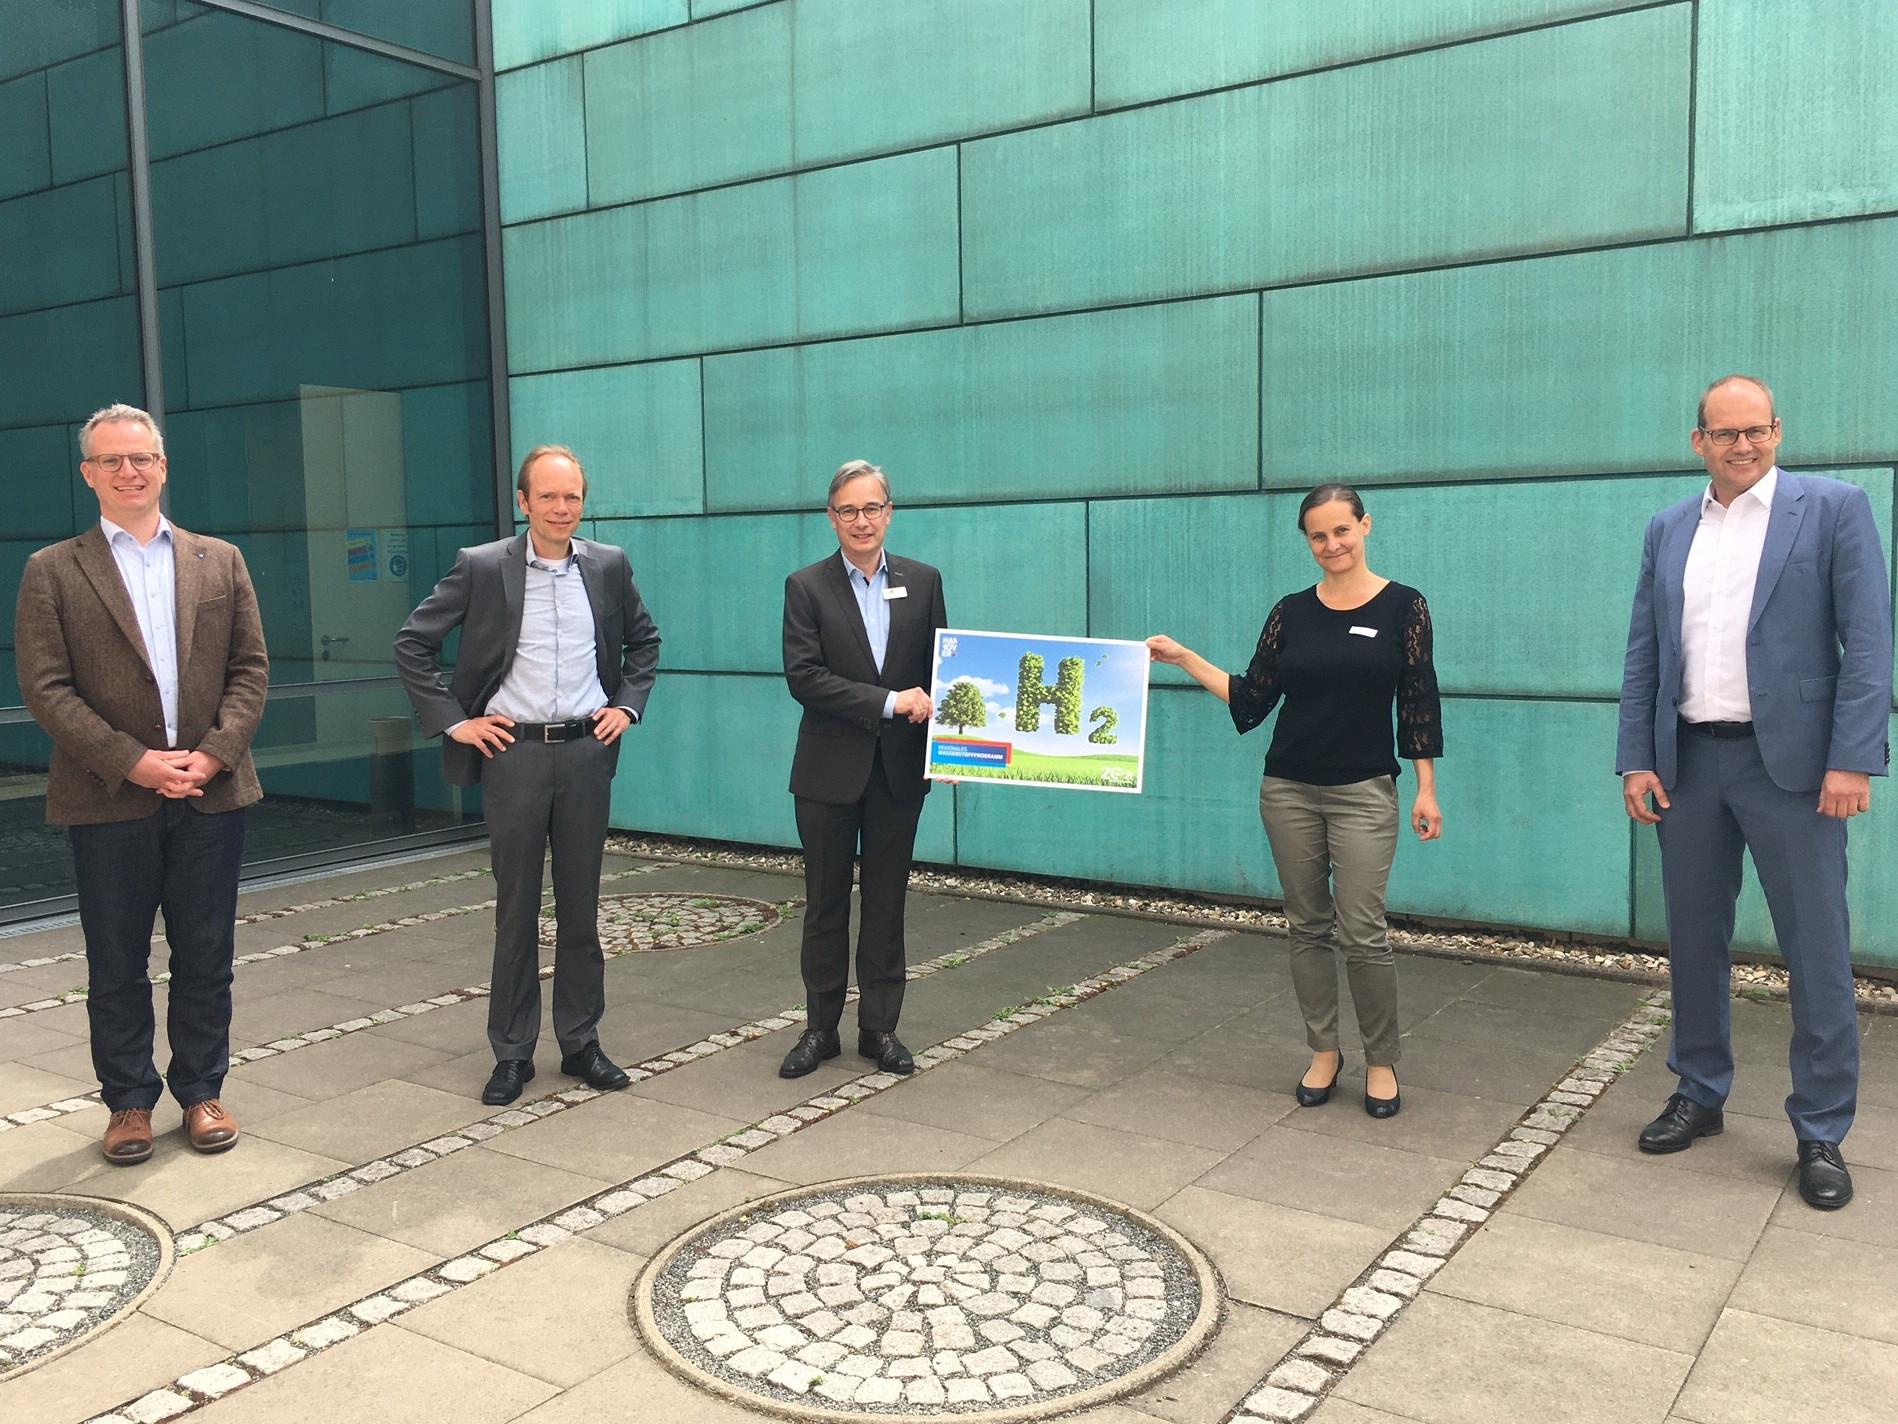 """Fünf Personen stehen vor einem Gebäude, zwei davon halten gemeinsam ein Plakat auf dem """"H2"""" steht."""